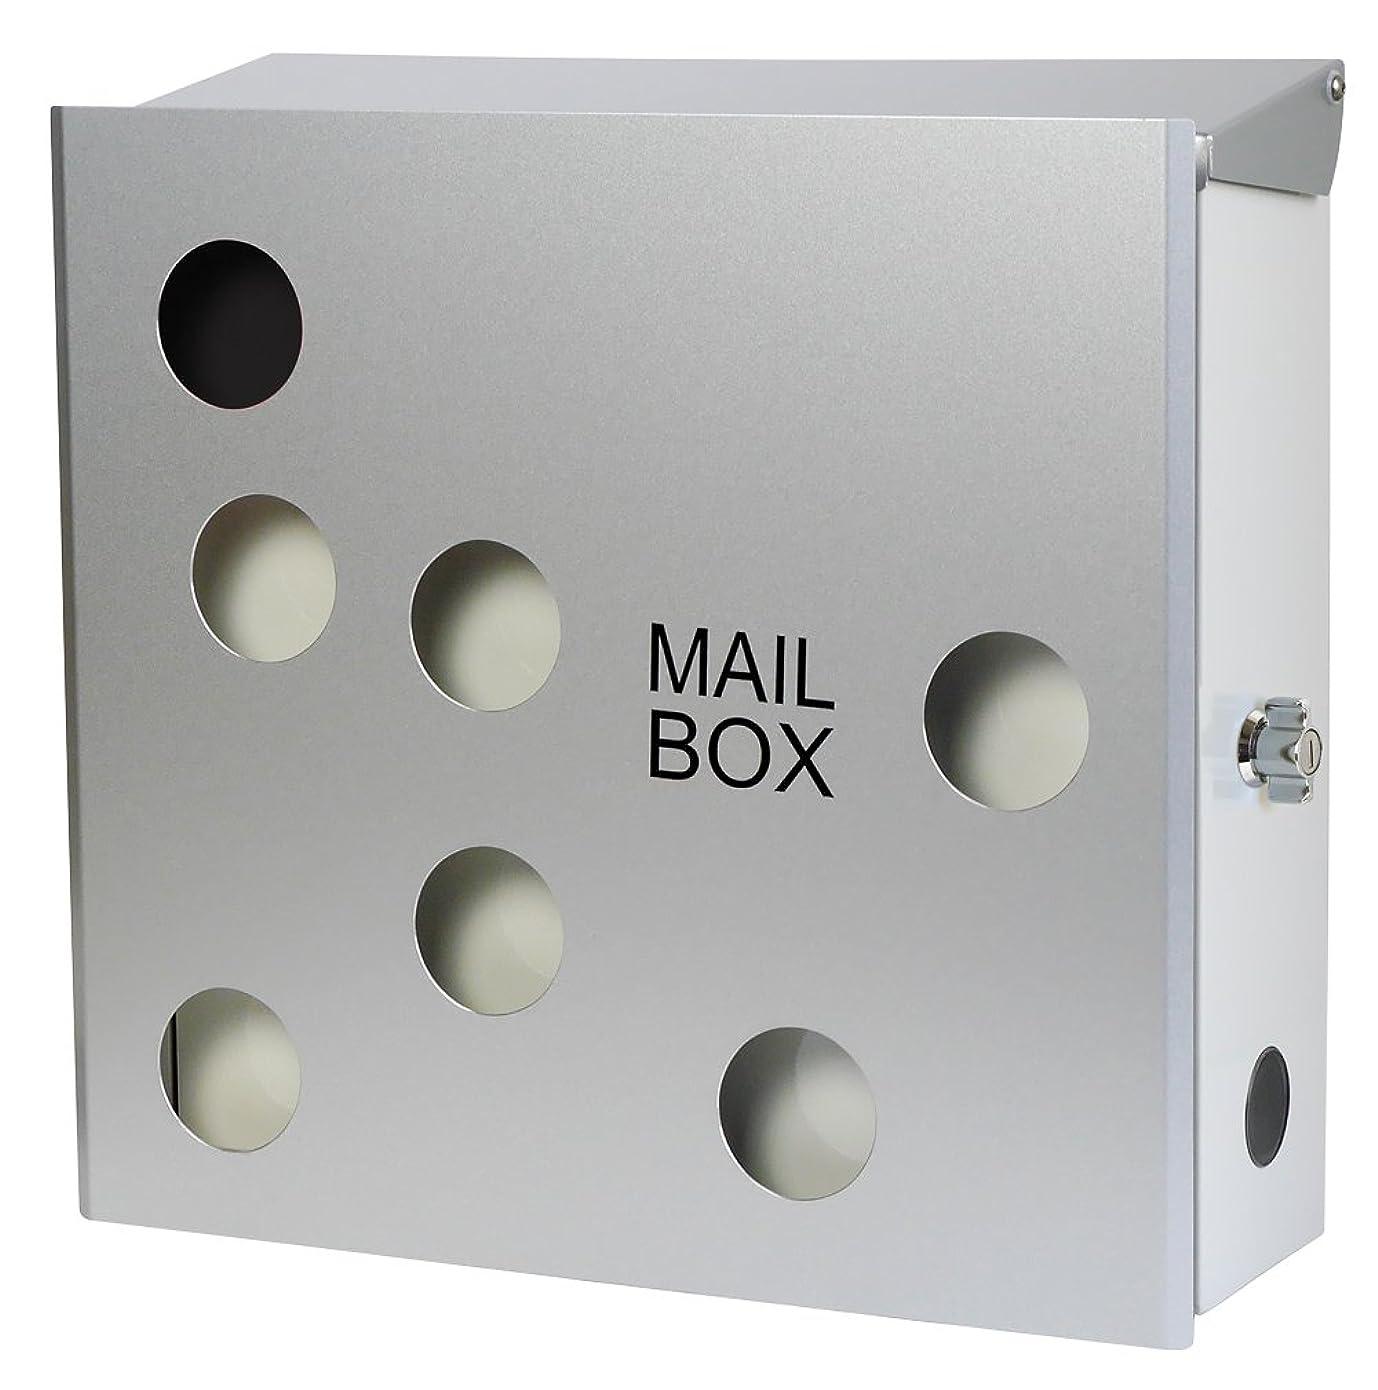 見て合併症陰気EUROデザイナーズポスト ユーロデザイナーズポスト MB5104 シルバー 郵便受け MB5104-KL-SILVER 081 奥行37×高さ35×幅13cm